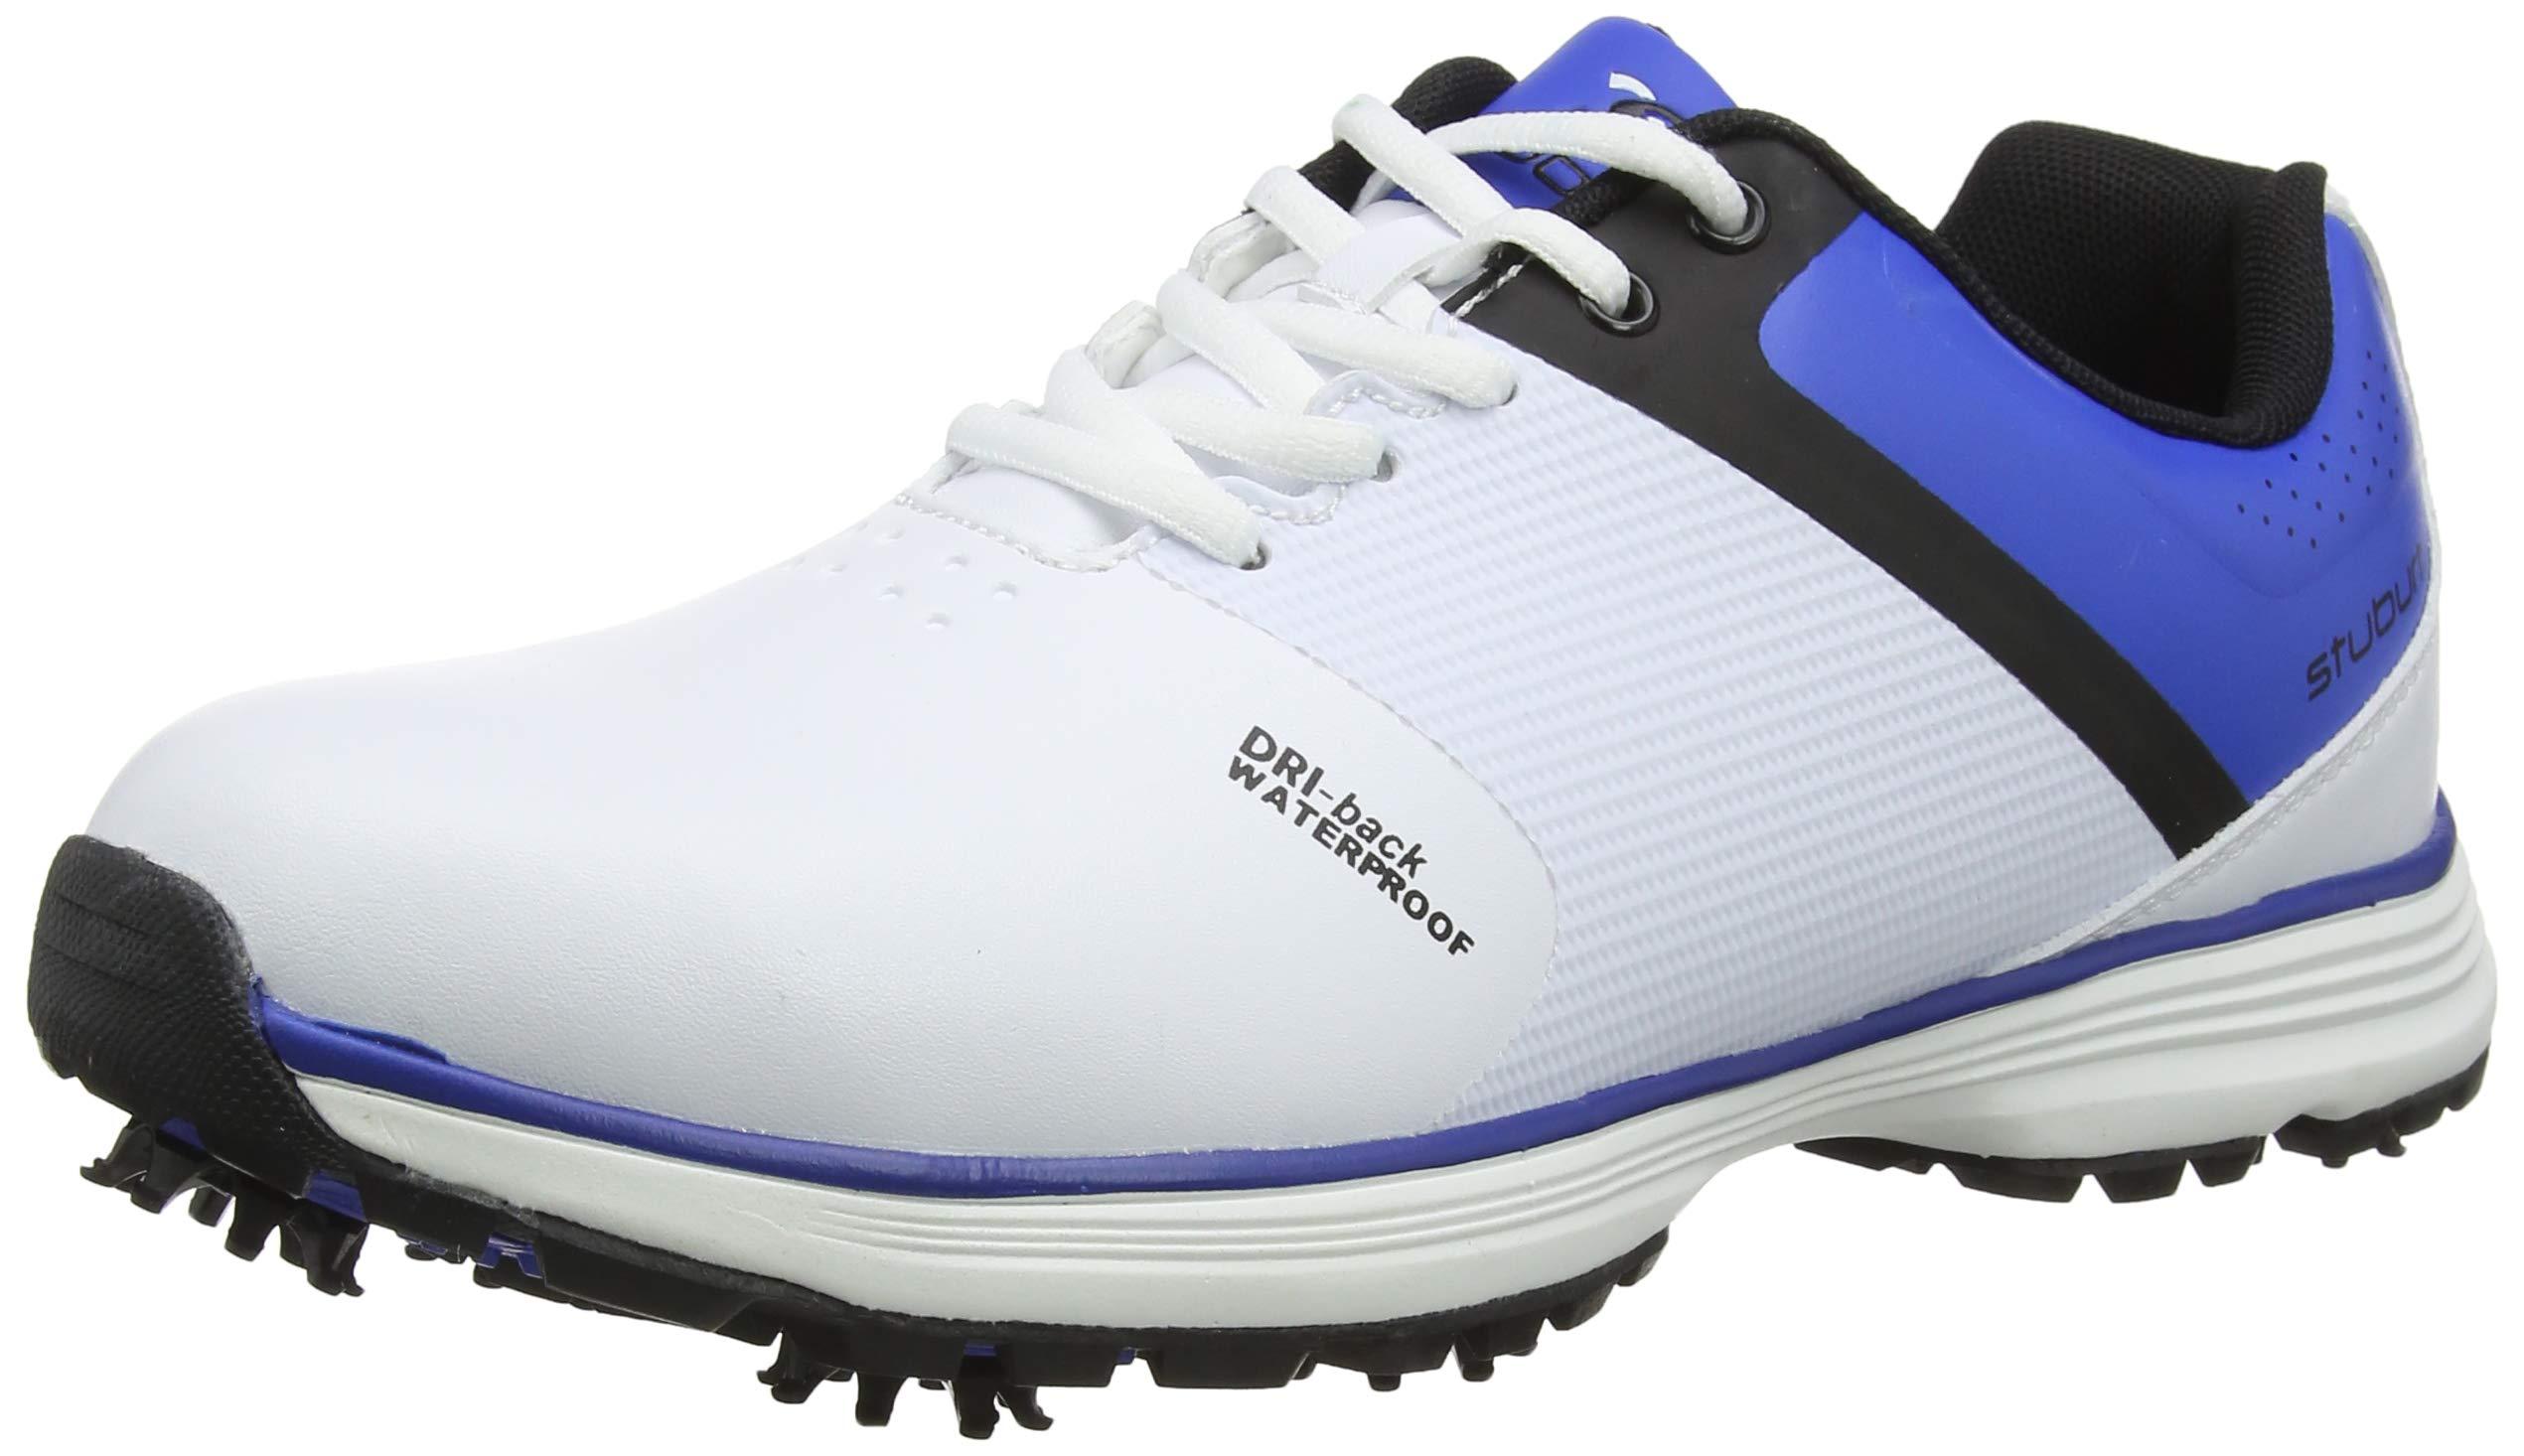 Stuburt SBSHU1111 PCT Sport Dri-Zapatillas de Golf a Prueba de Agua, Color Blanco y Azul, Talla, Hombre, 11 UK: Amazon.es: Deportes y aire libre